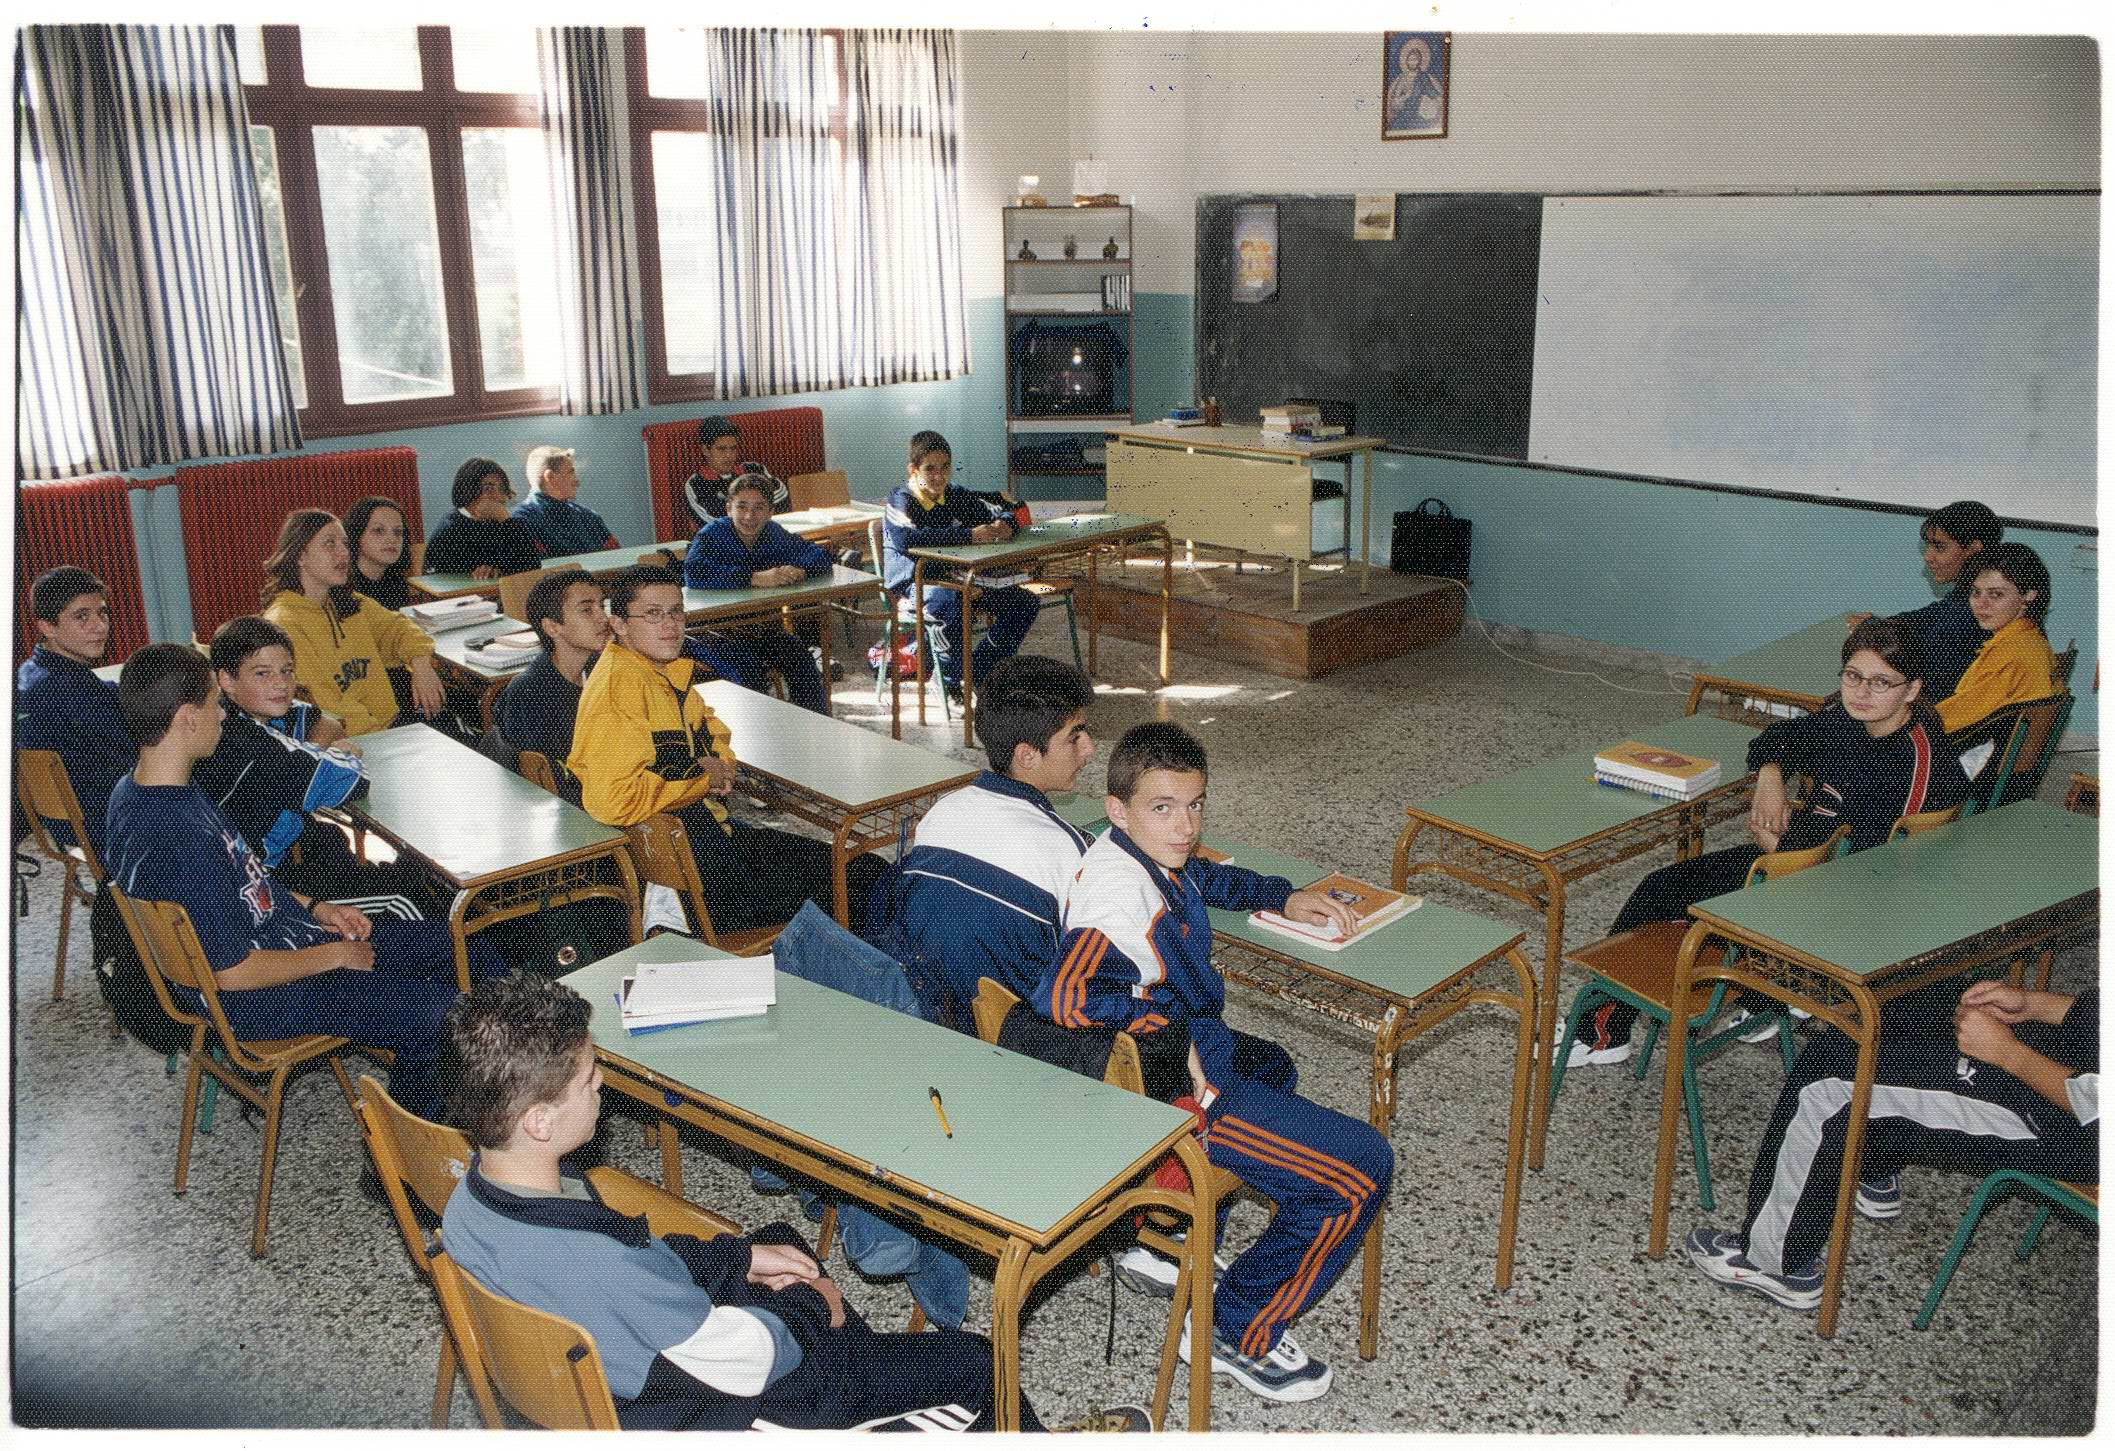 Επετειακό αφιέρωμά για την Απελευθέρωση των Γρεβενών από 1ο Γυμνάσιο Γρεβενών